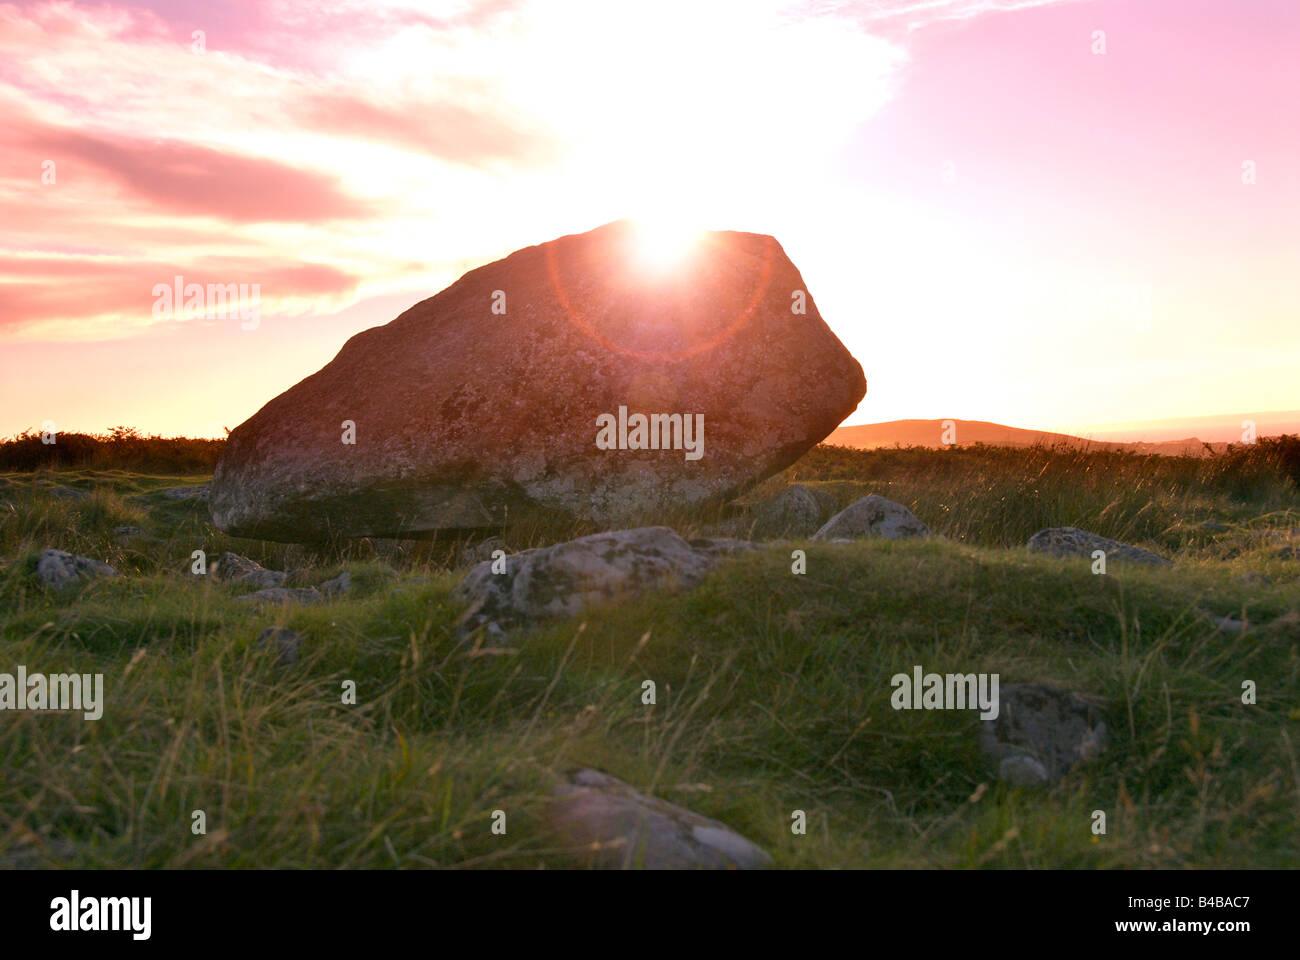 Arthurs Stone. - Stock Image